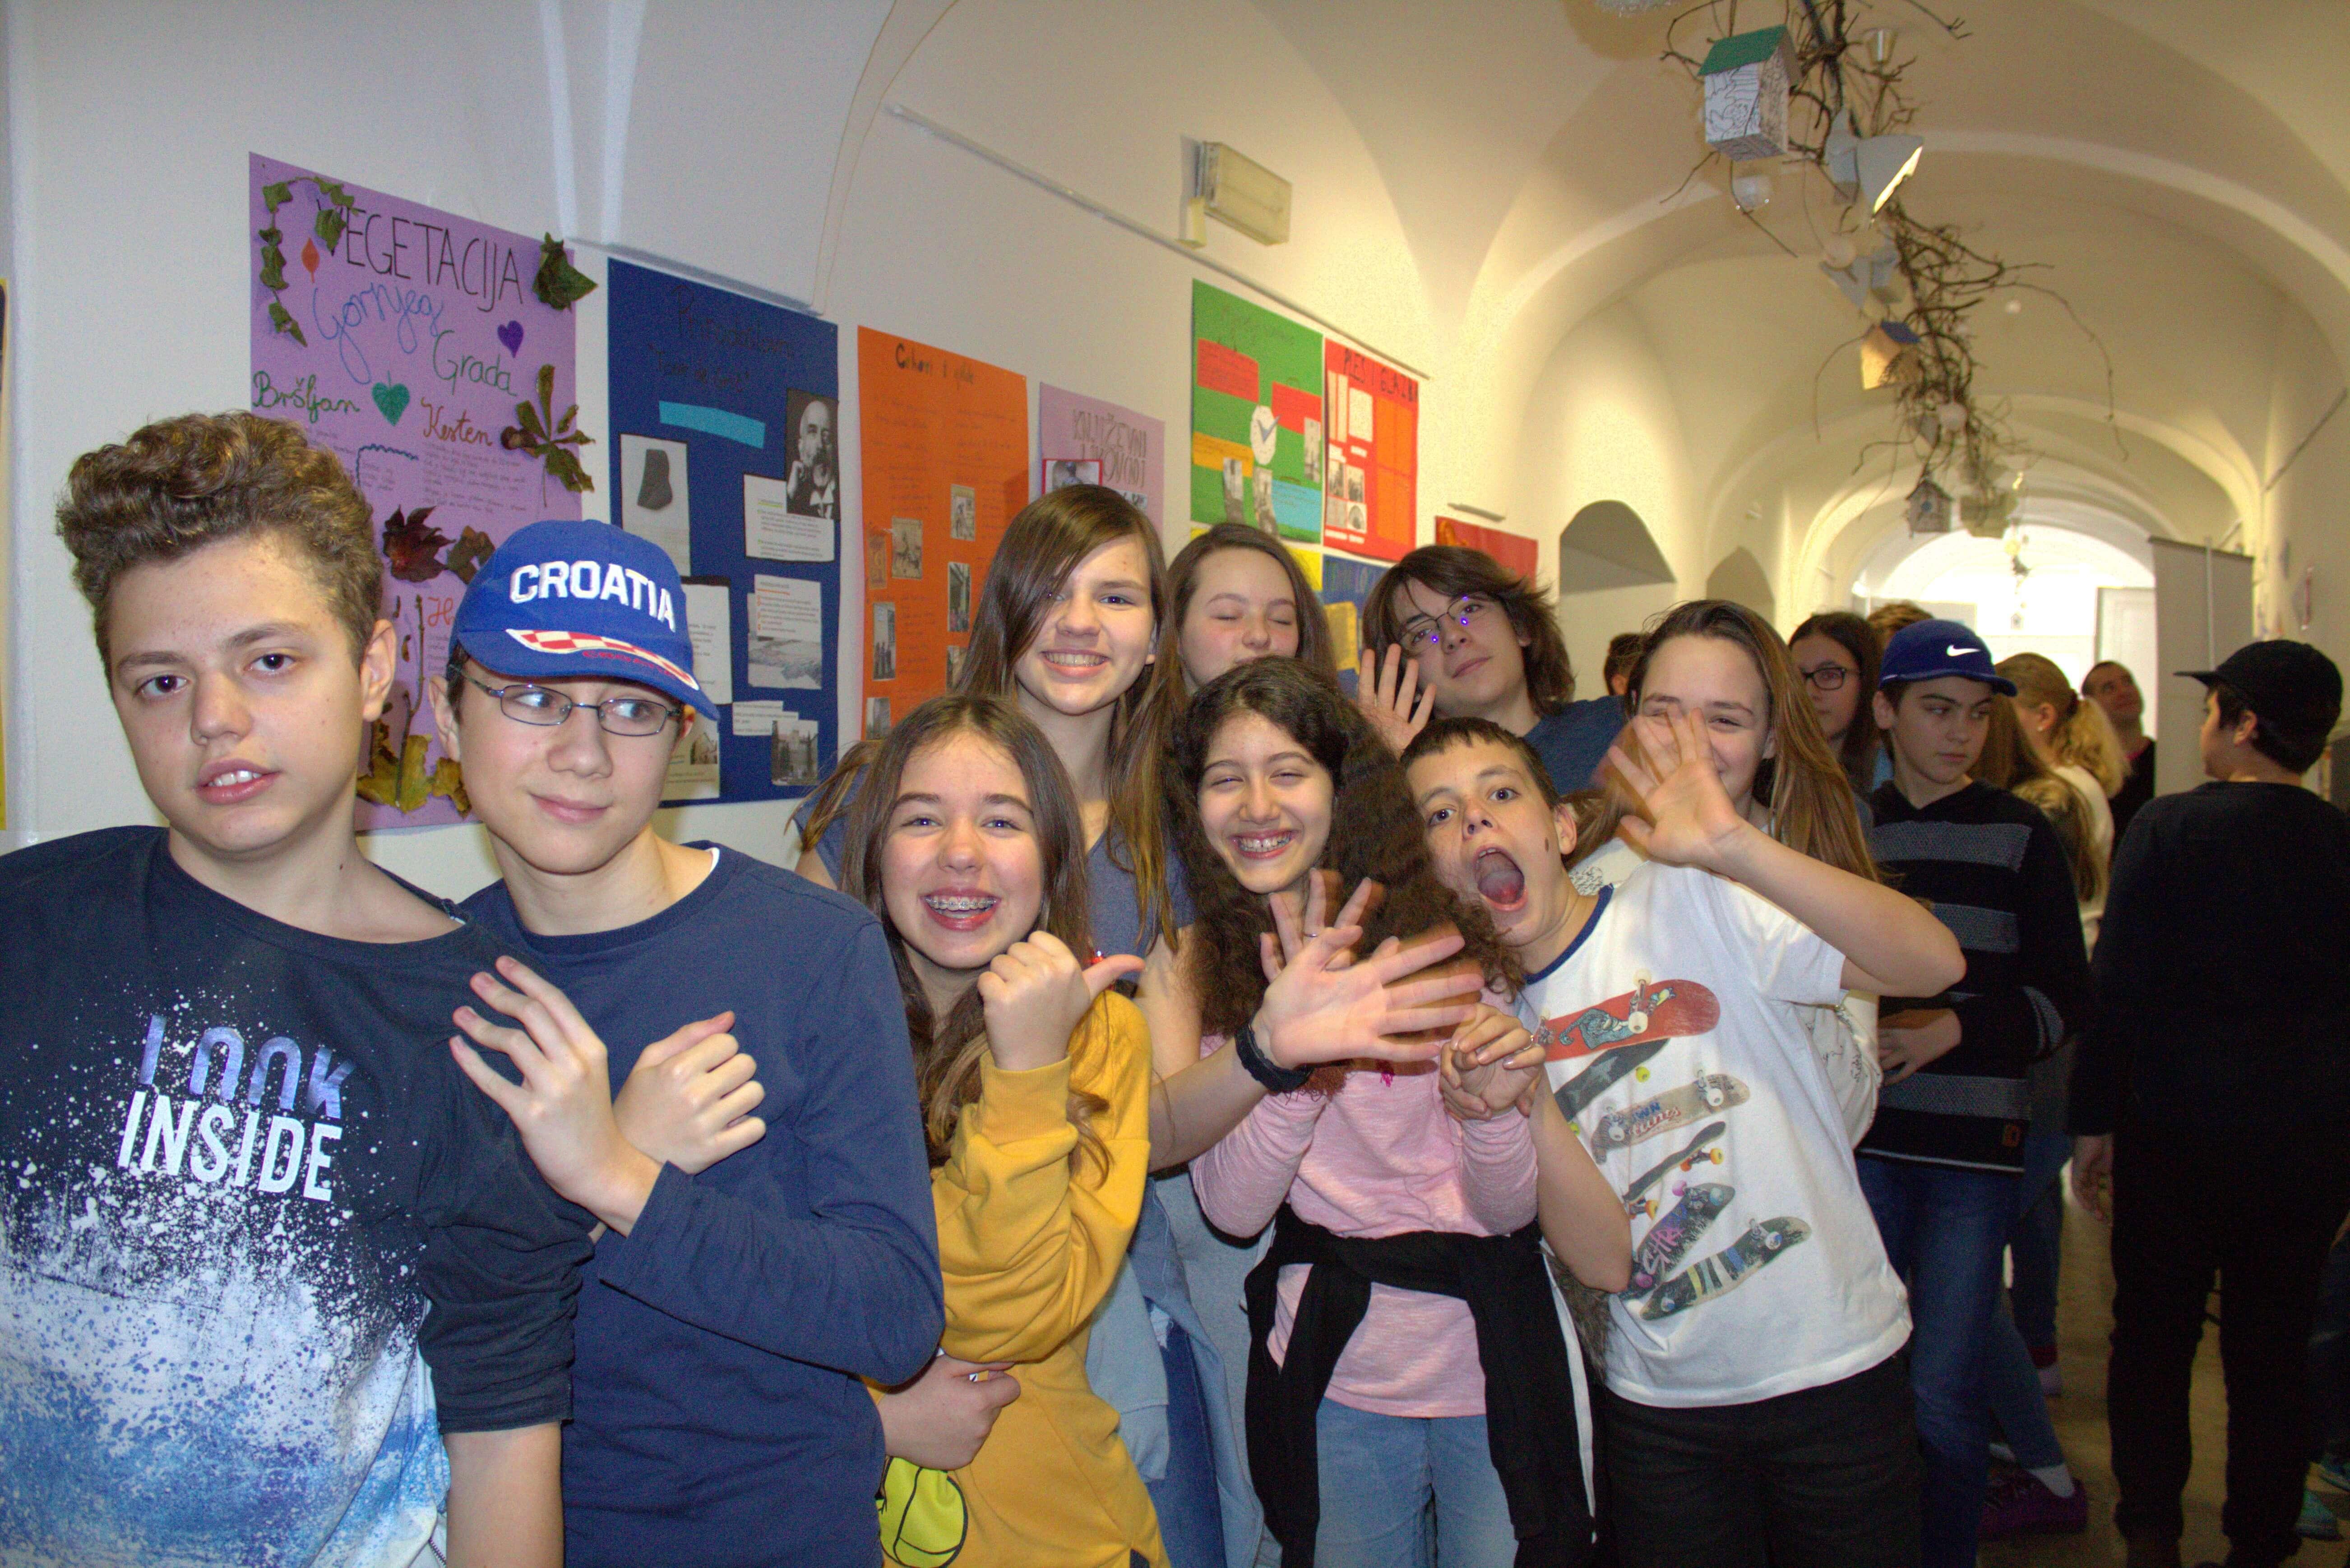 druženje židovskasve besplatne stranice za upoznavanje u Aziji